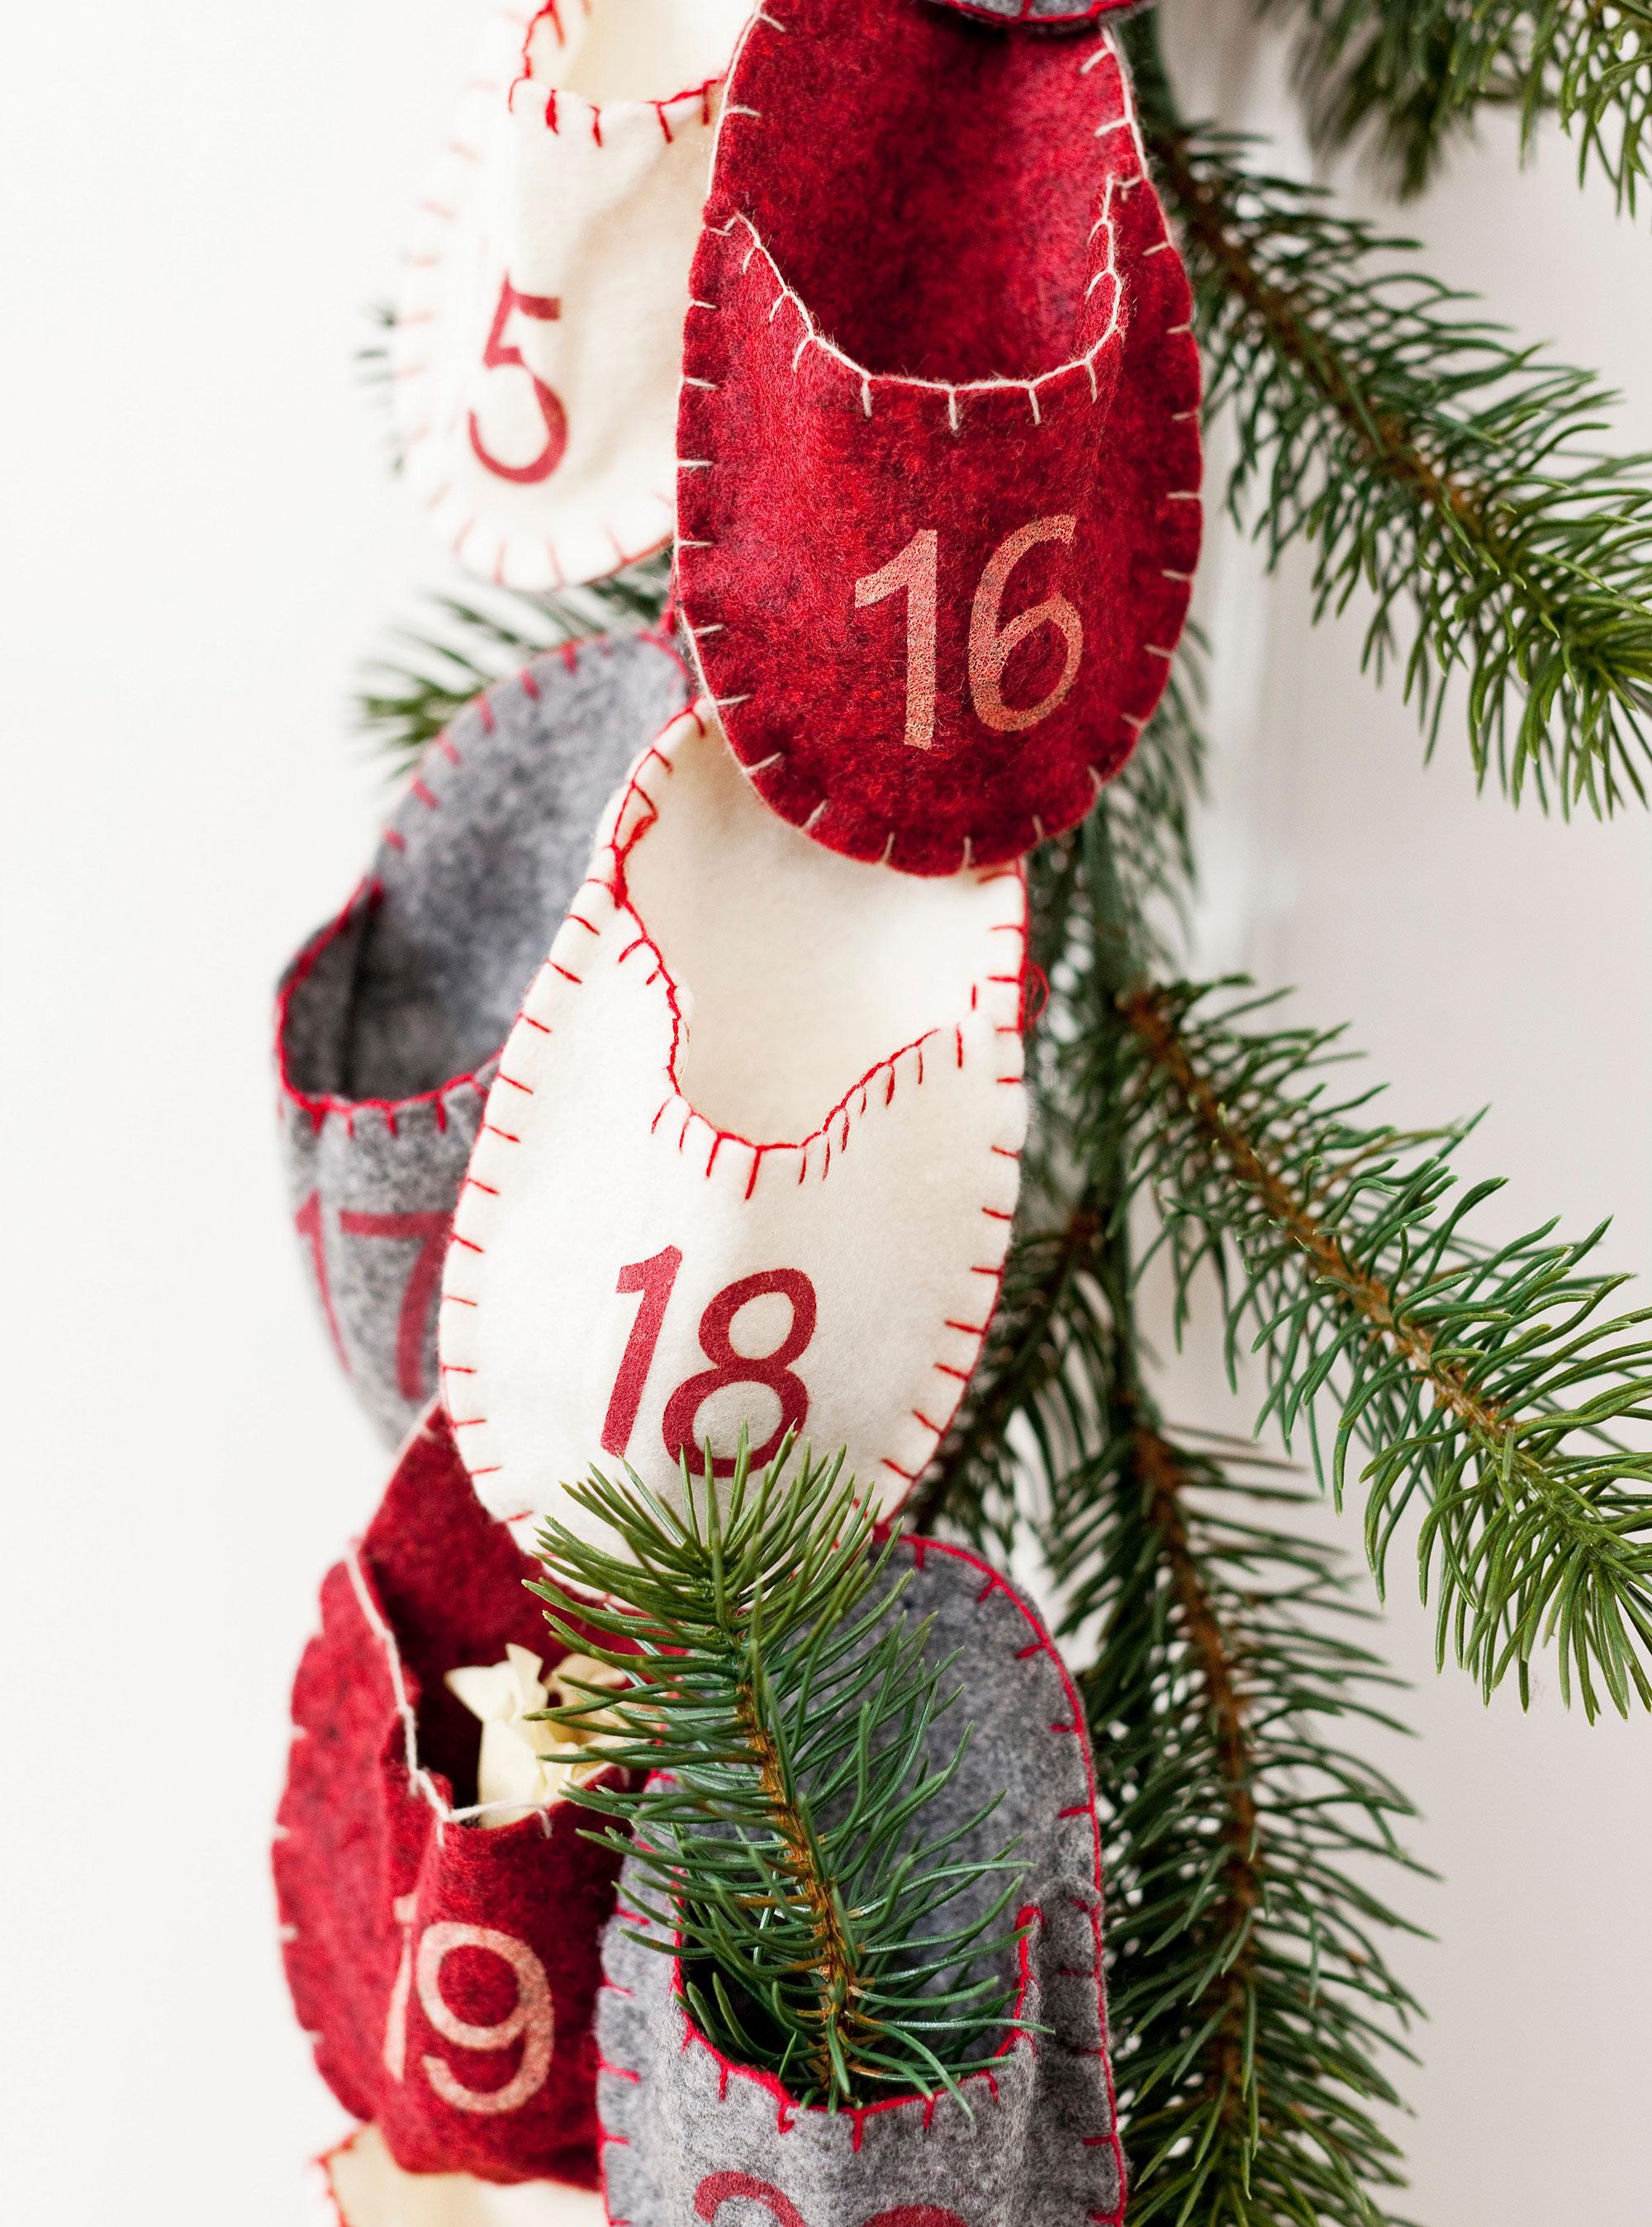 adventskalender f llen 31 kleinigkeiten als geschenkideen f r erwachsene weihnachtsdeko ideen. Black Bedroom Furniture Sets. Home Design Ideas